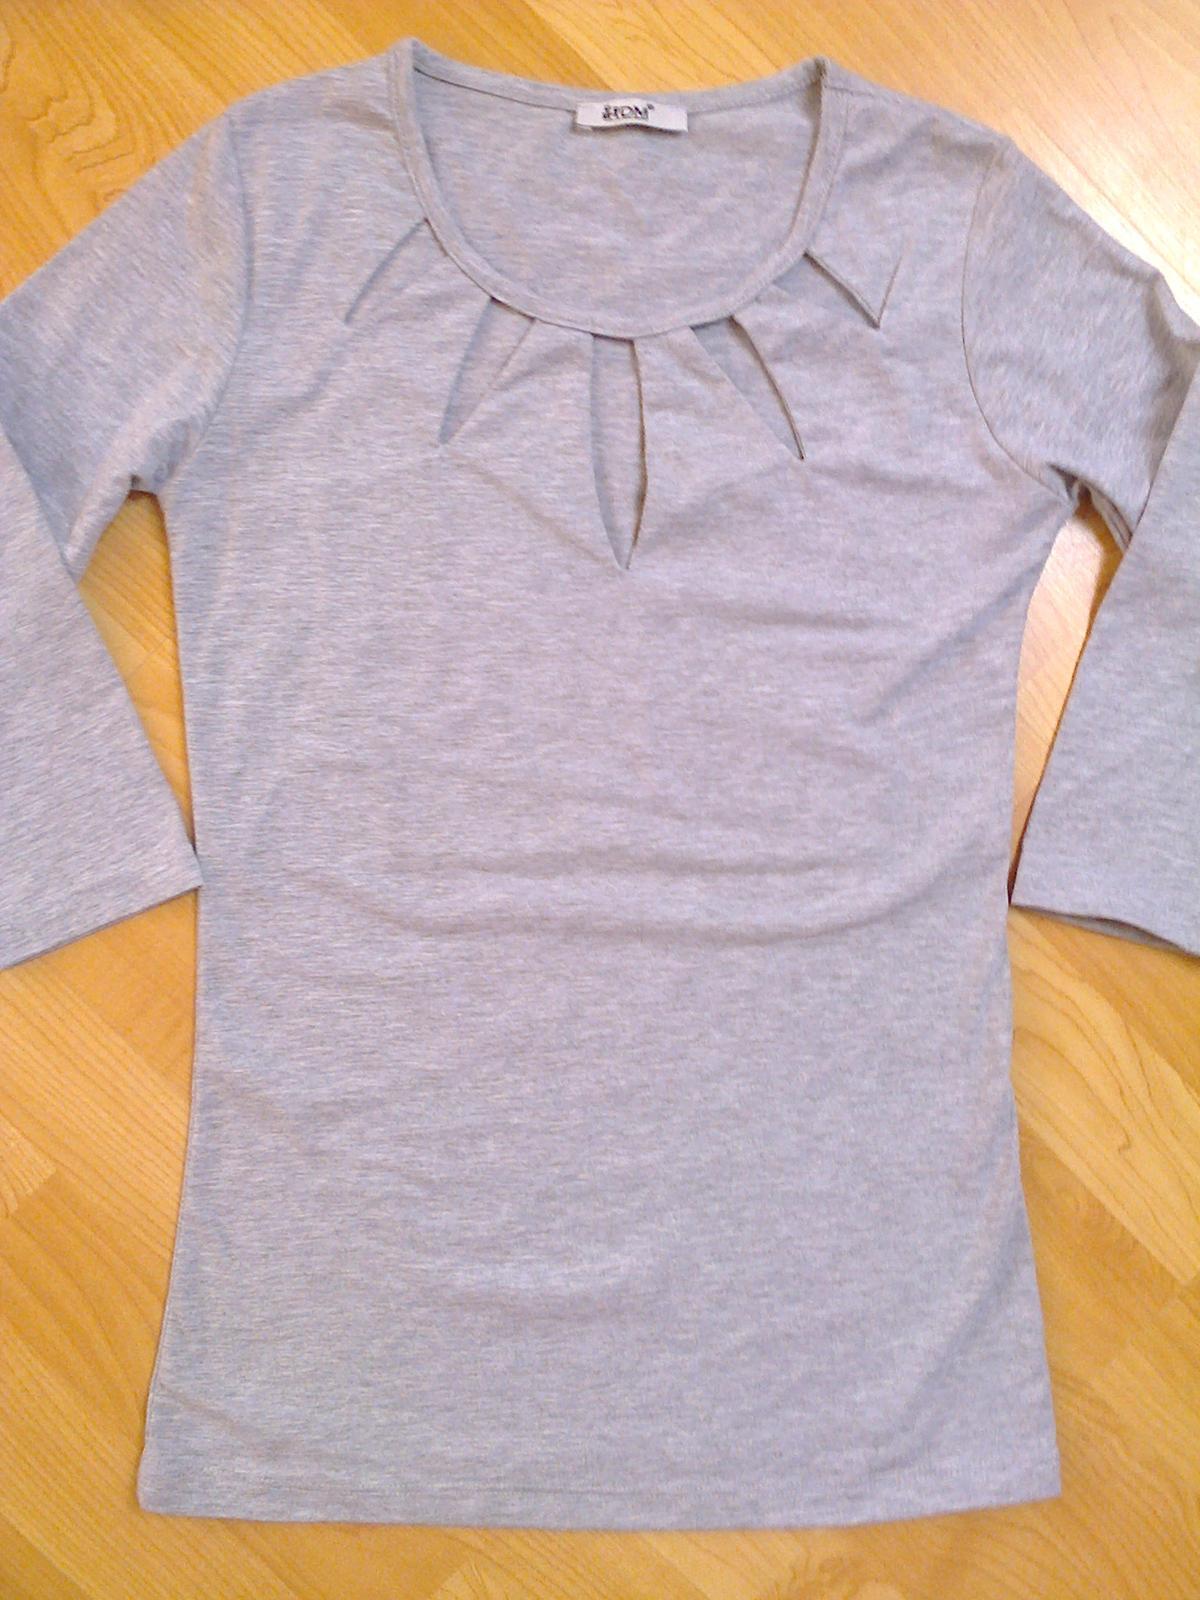 Tričko s průstřihy  - Obrázek č. 1